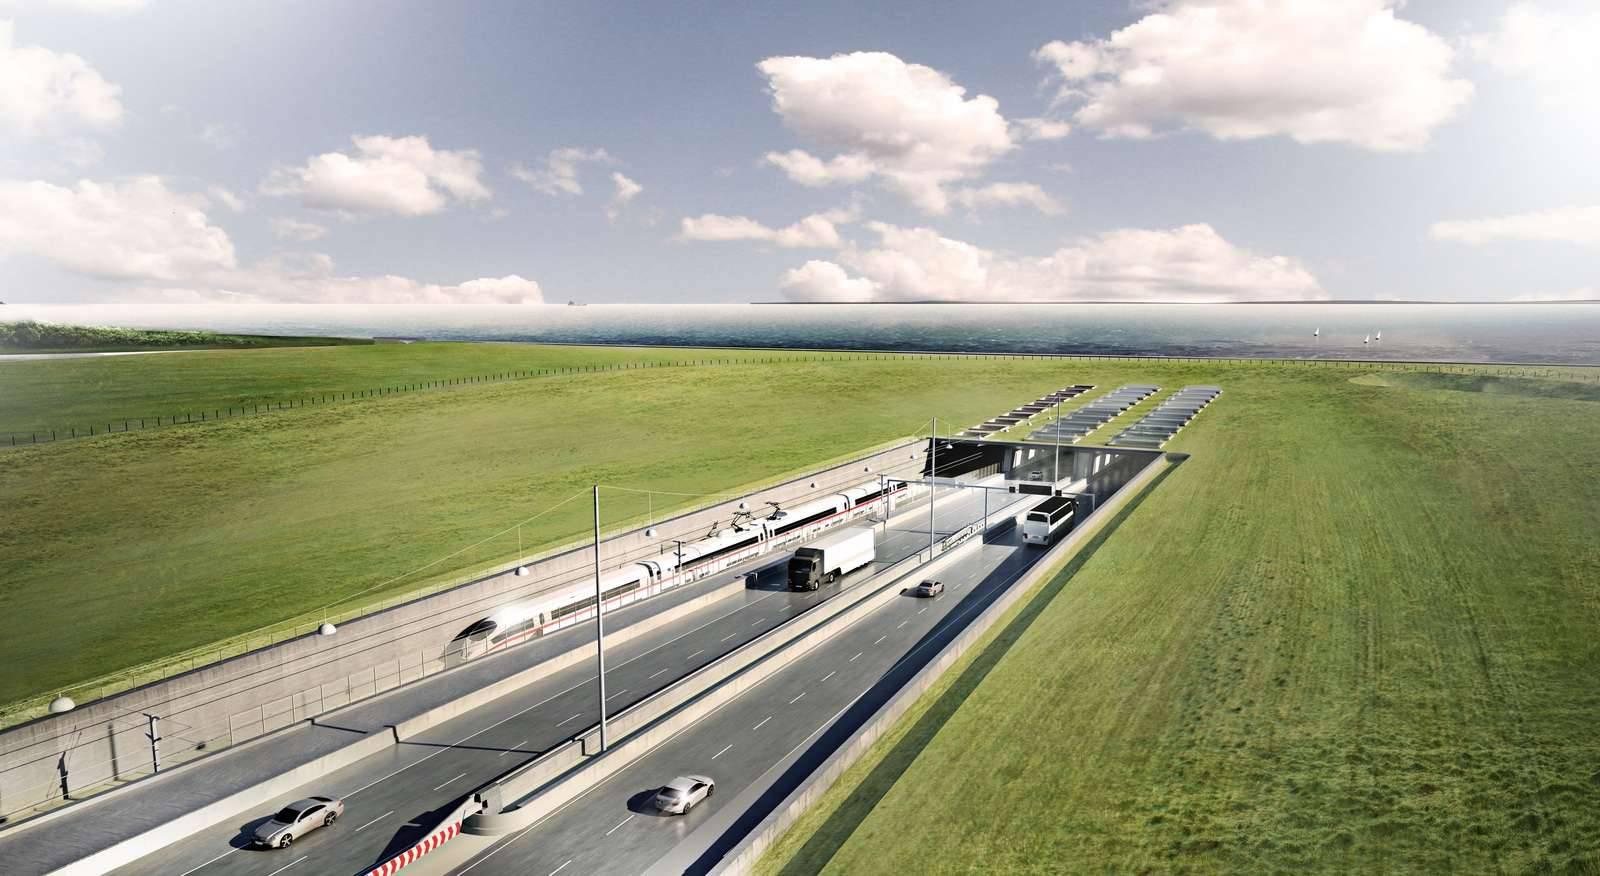 Izgradit će tunel ispod mora: 8 milijardi eura za 19 kilometara